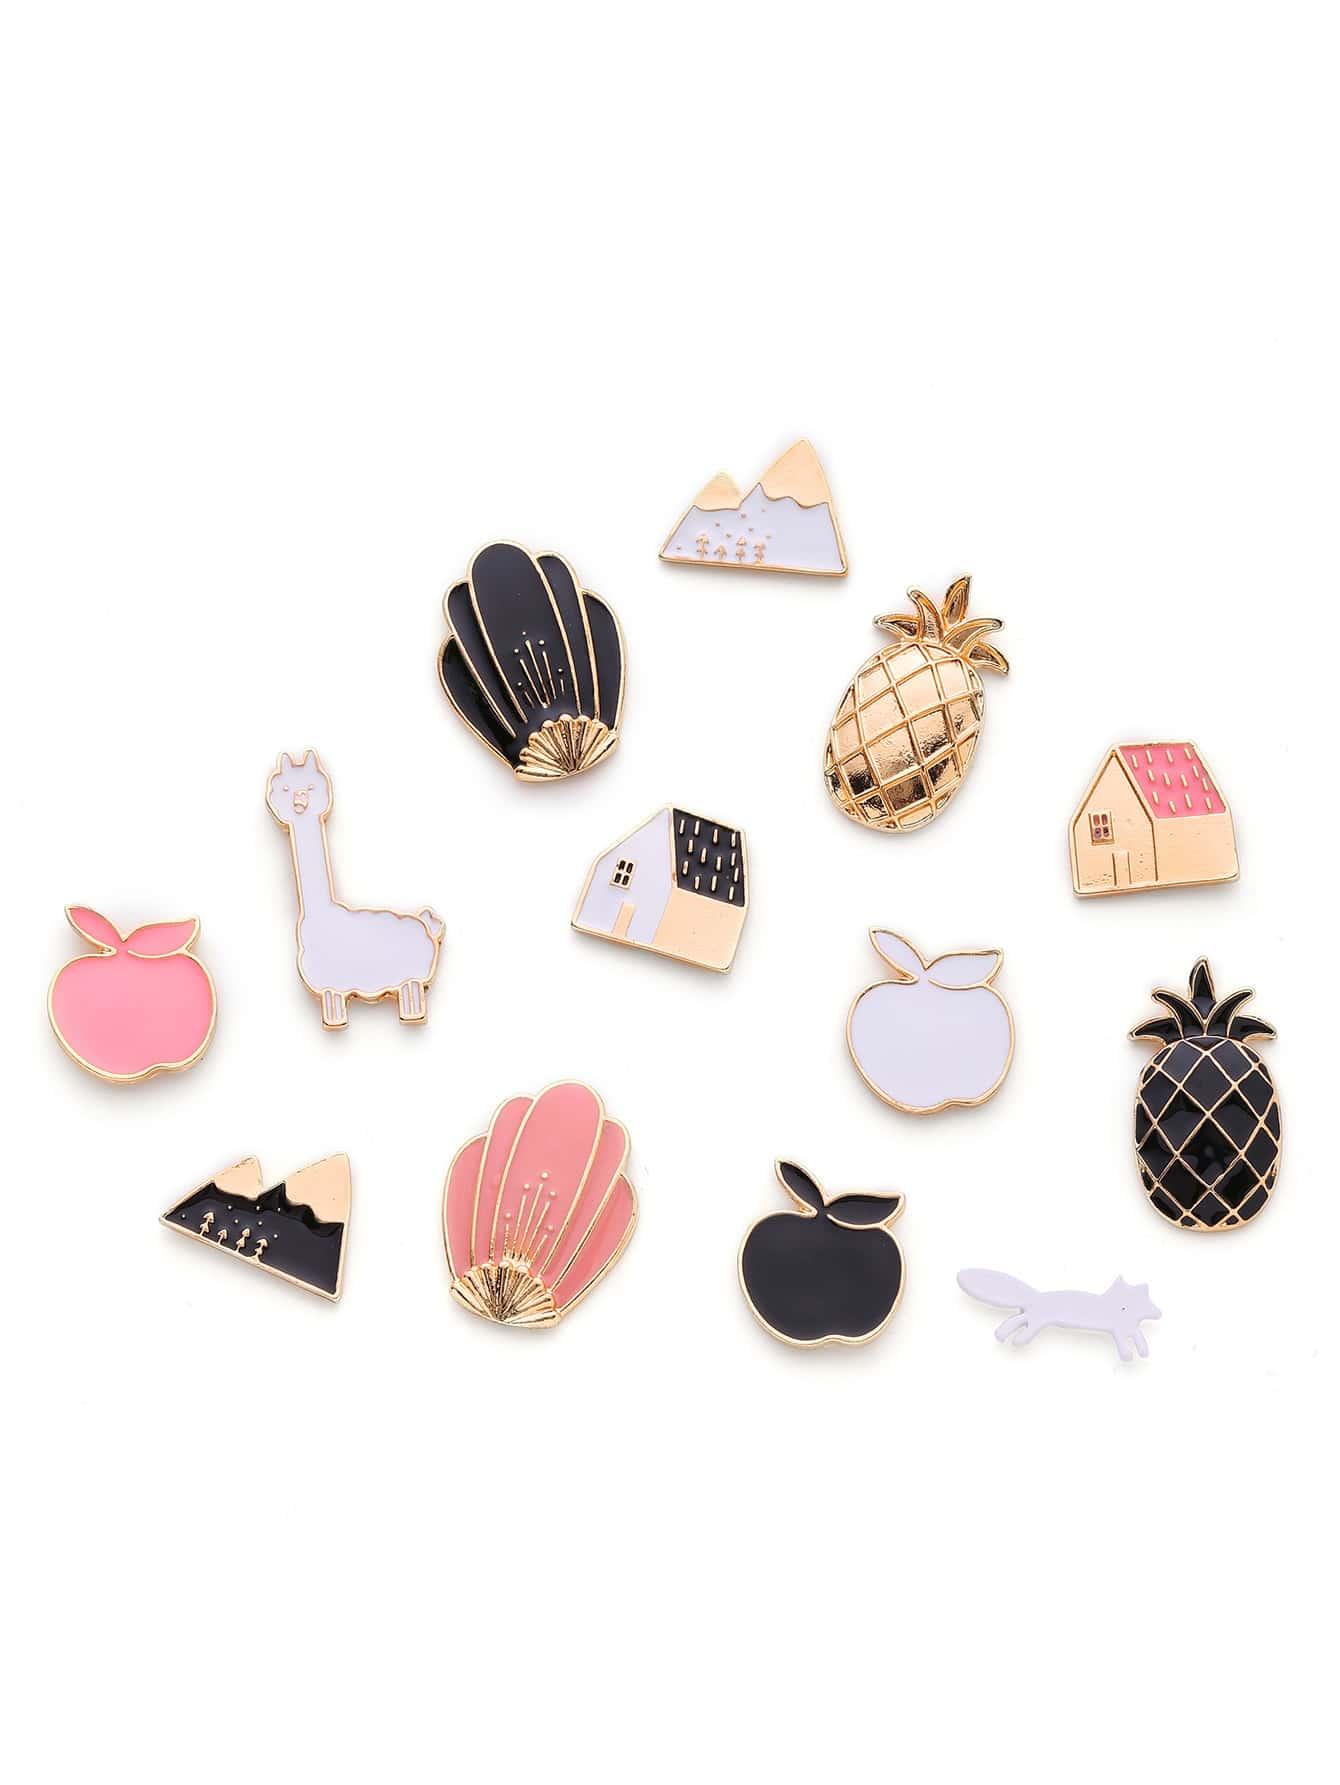 Image of Apple & House Design Brooch Set